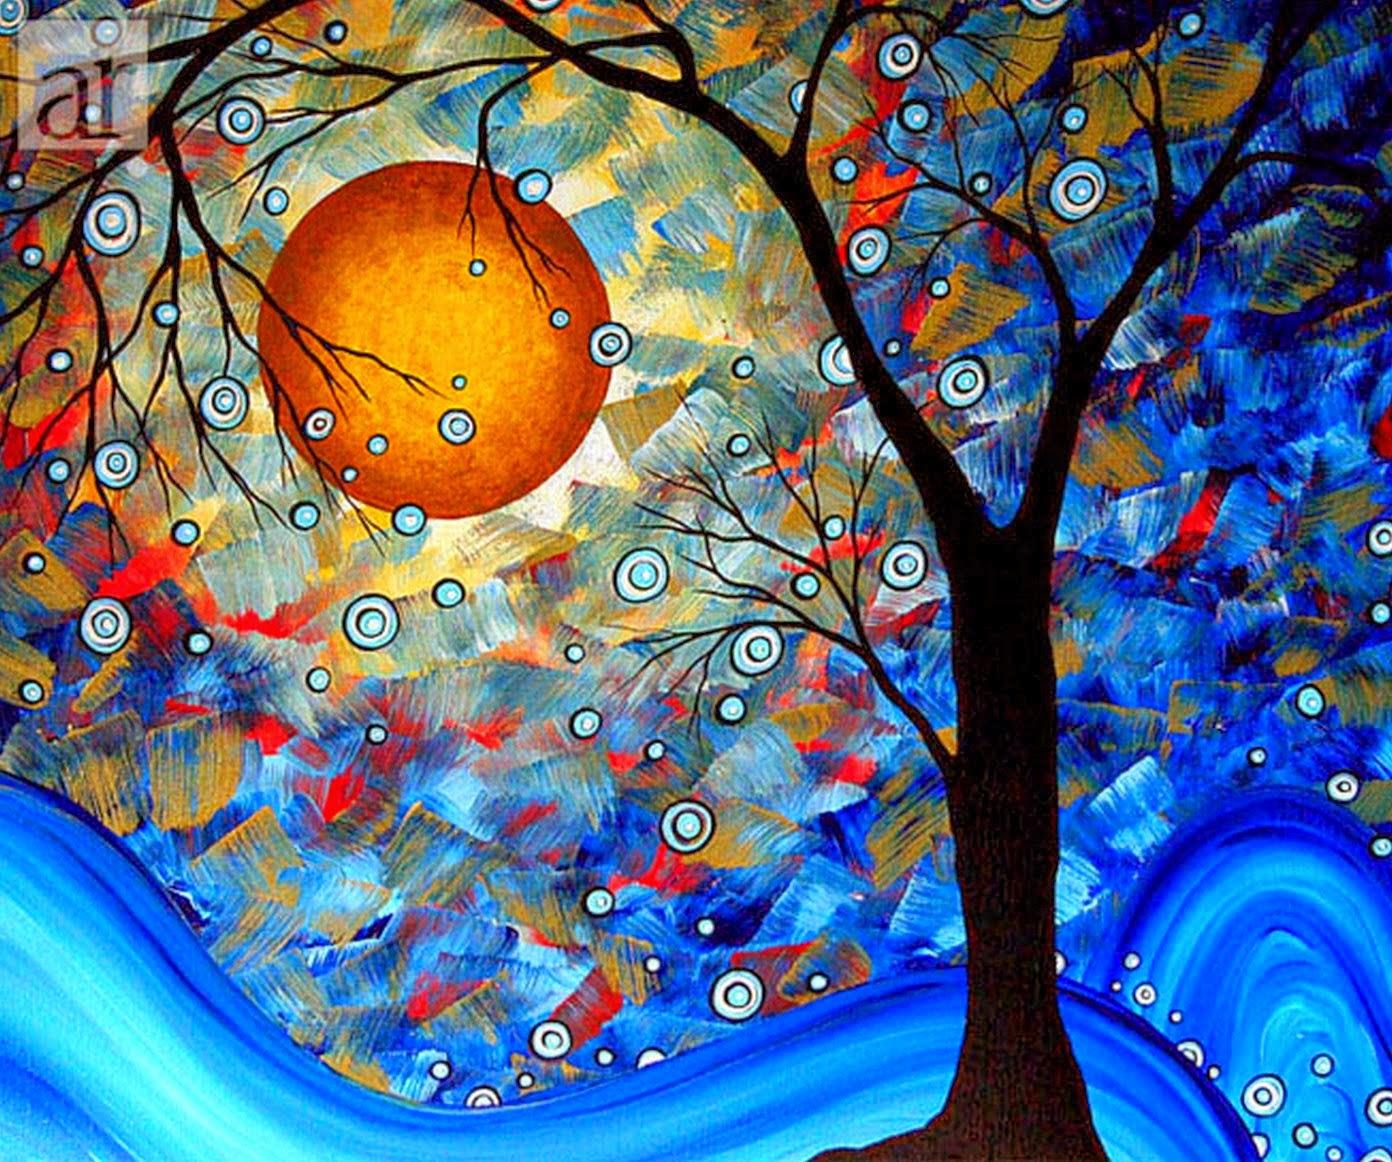 El mejor arte abstracto alg n arte abstracto - Mejor pintura plastica ...